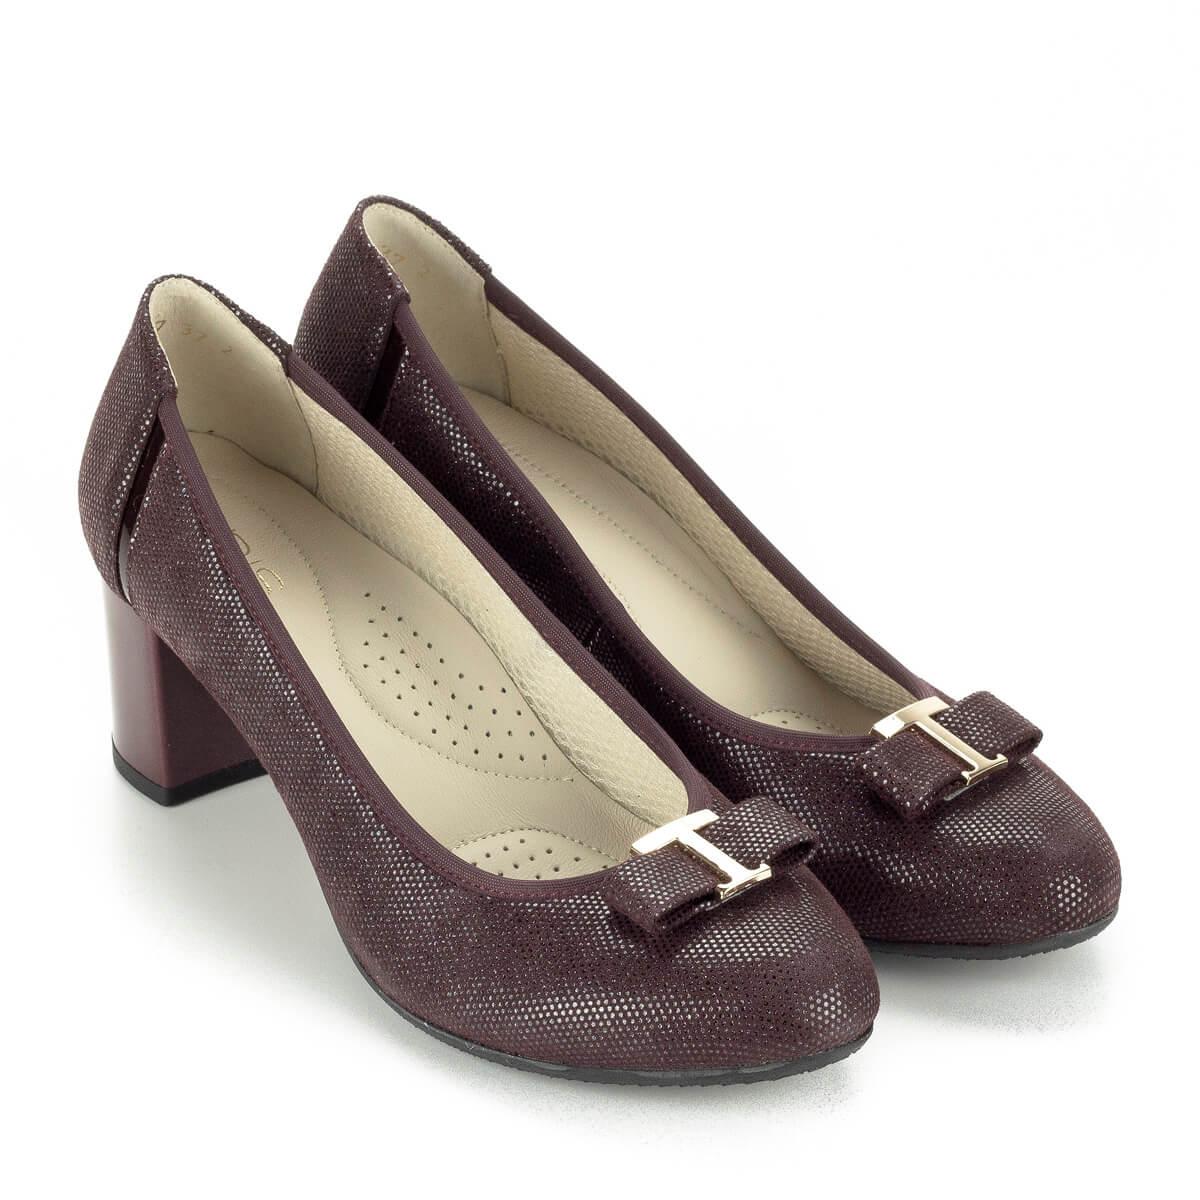 Anis bordó mintás magassarkú cipő mintás bőr felsőrésszel 2d2e2dad7c